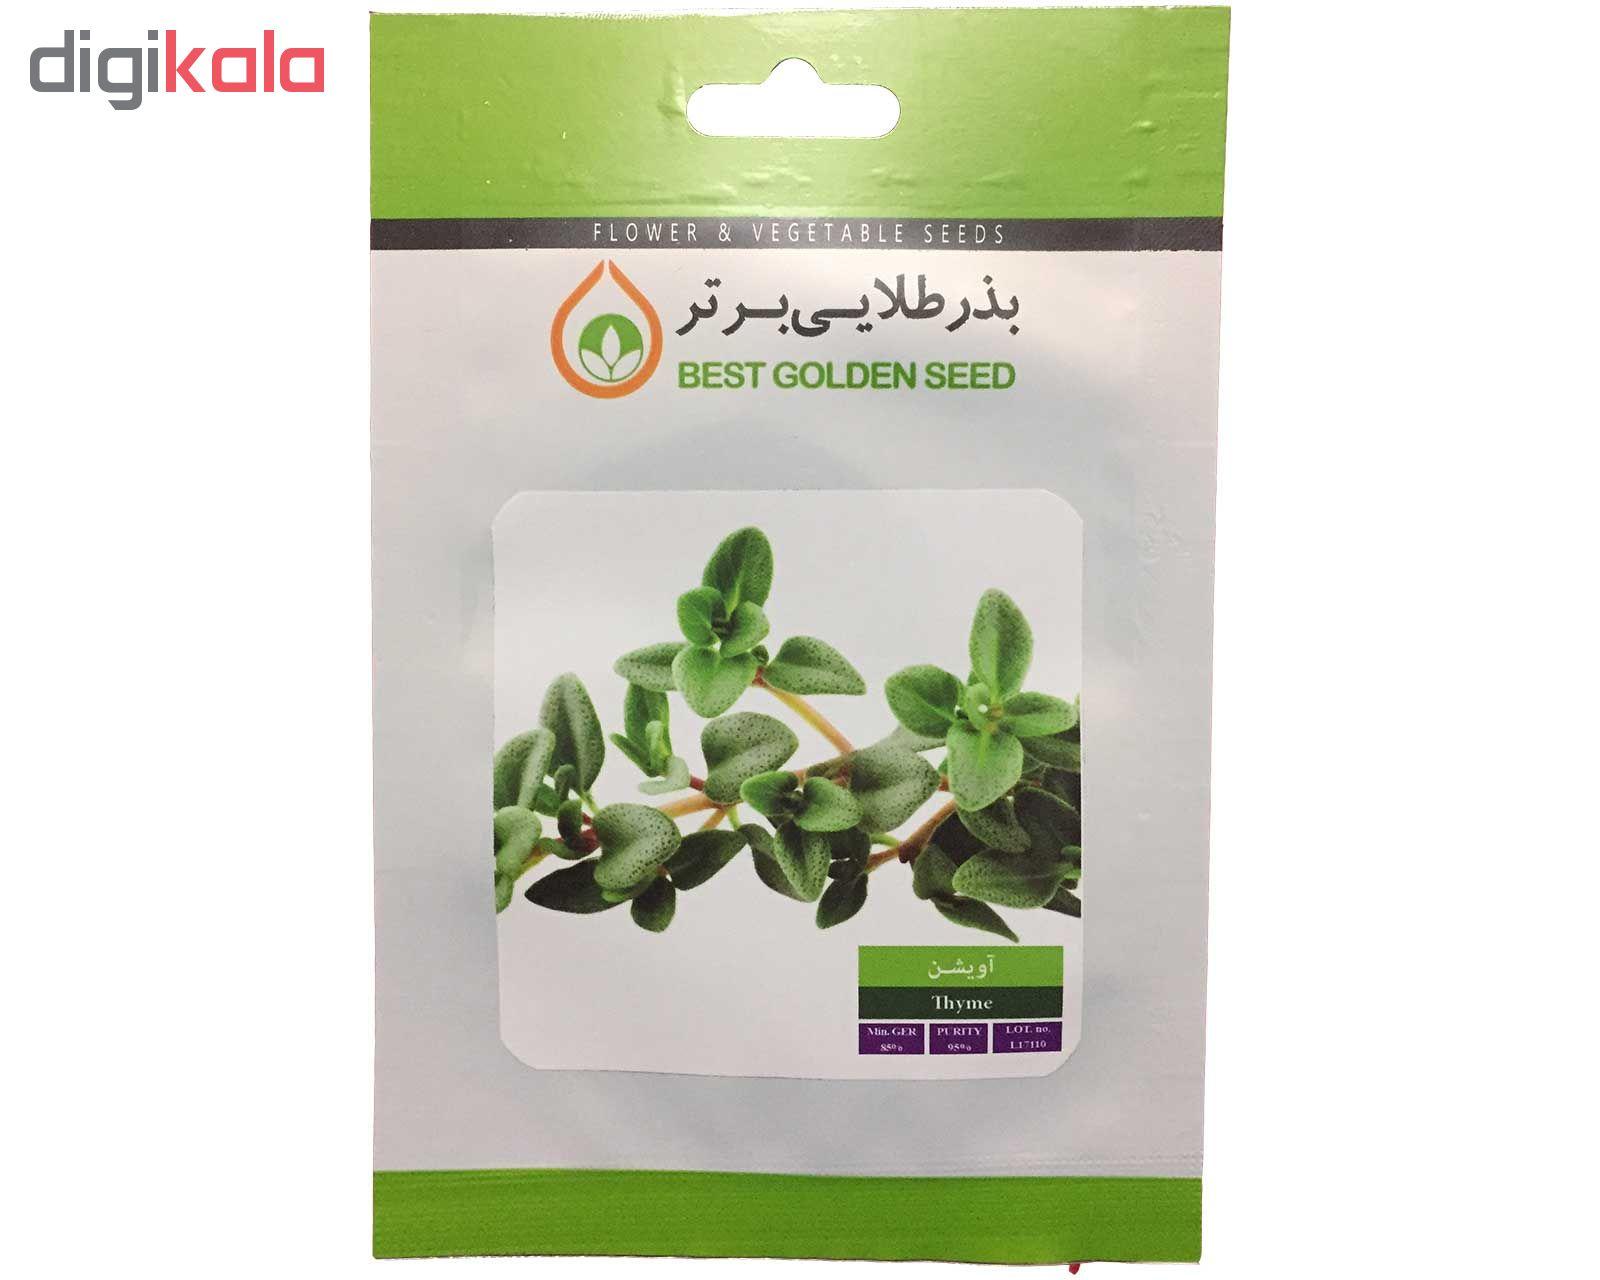 بذر گیاه دارویی آویشن بذر طلایی برتر کد BZT-100 در بزرگترین فروشگاه اینترنتی جنوب کشور ویزمارکت